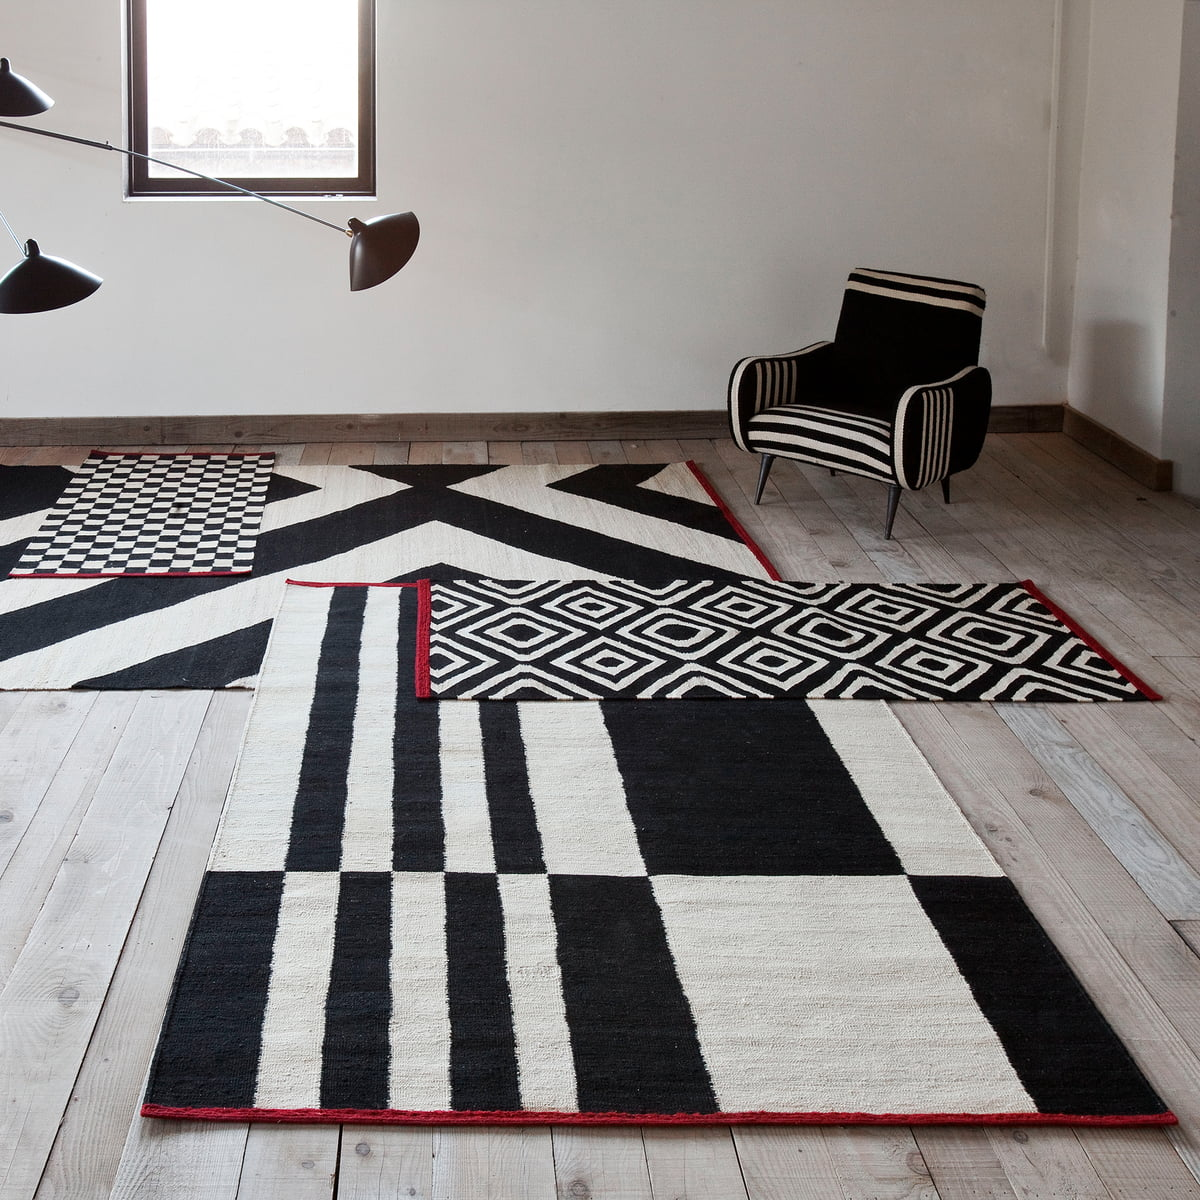 m lange stripes rug by nanimarquina. Black Bedroom Furniture Sets. Home Design Ideas